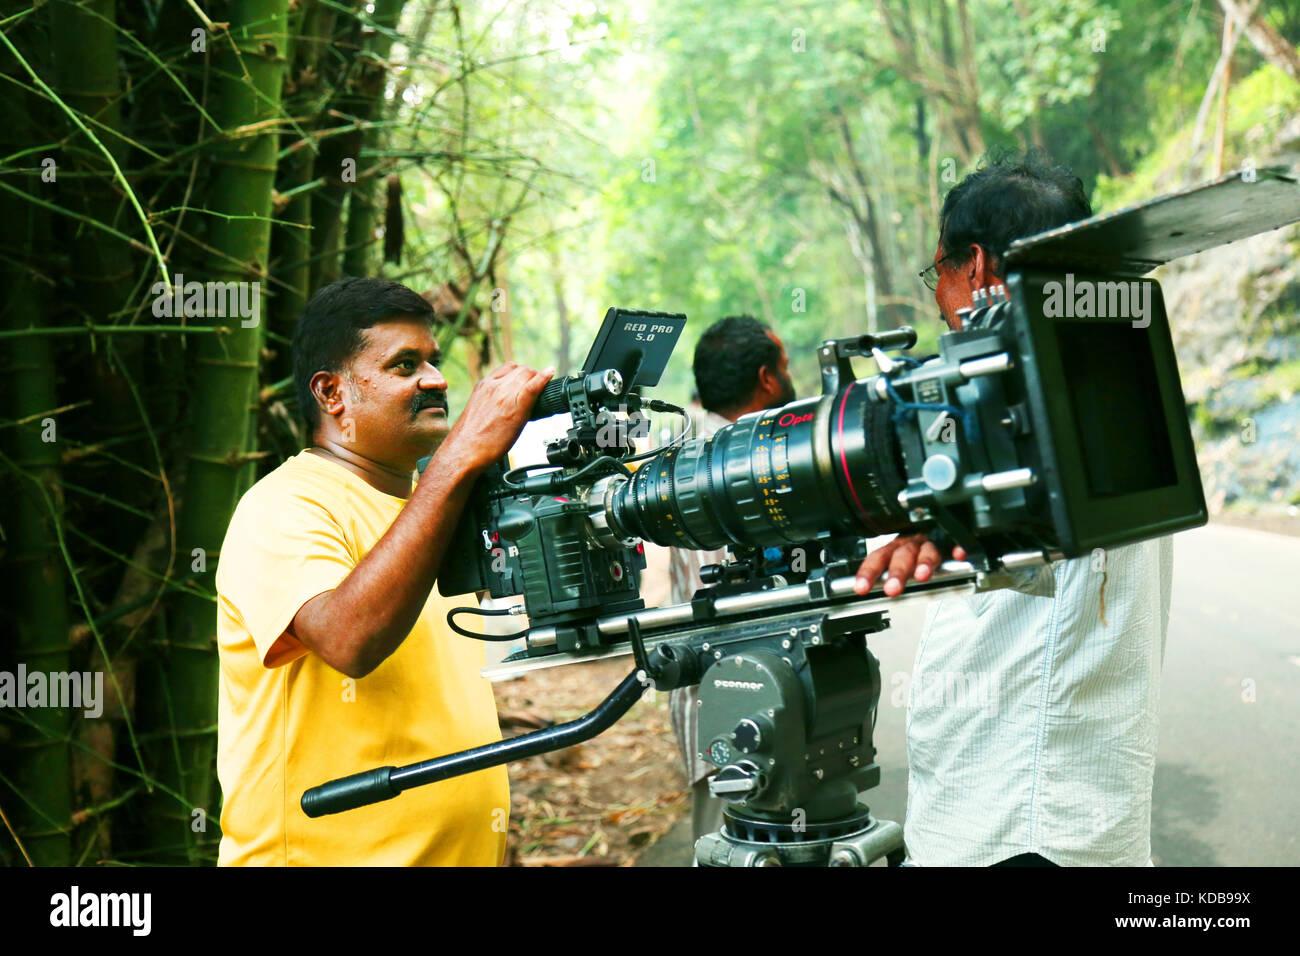 Video kamera Operator auf Natur Hintergrund, Dreharbeiten vor Ort Stockbild